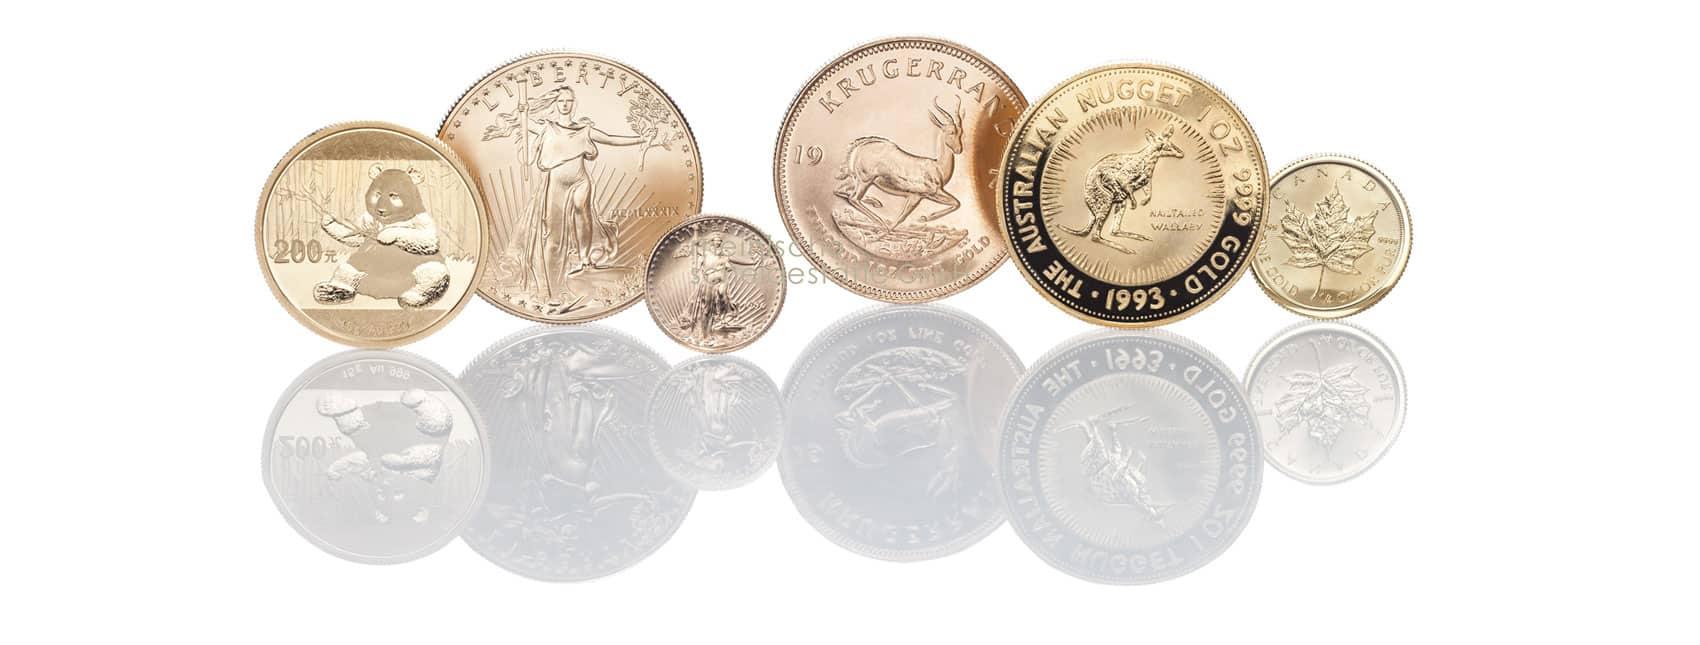 Goldmünzen kaufen Angebote